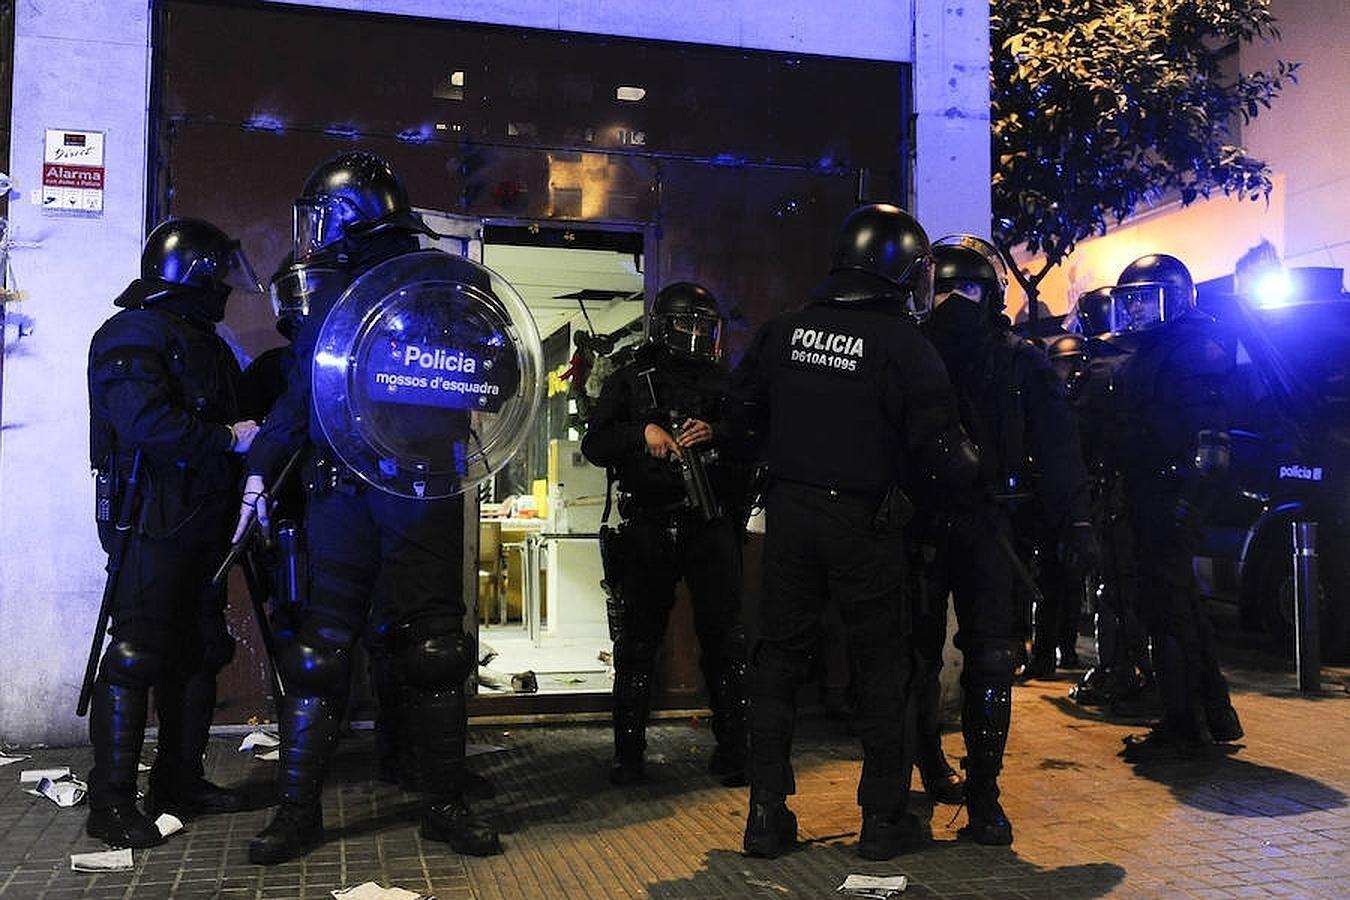 La policía ha desalojado a los jóvenes que habían conseguido introducirse de nuevo en el